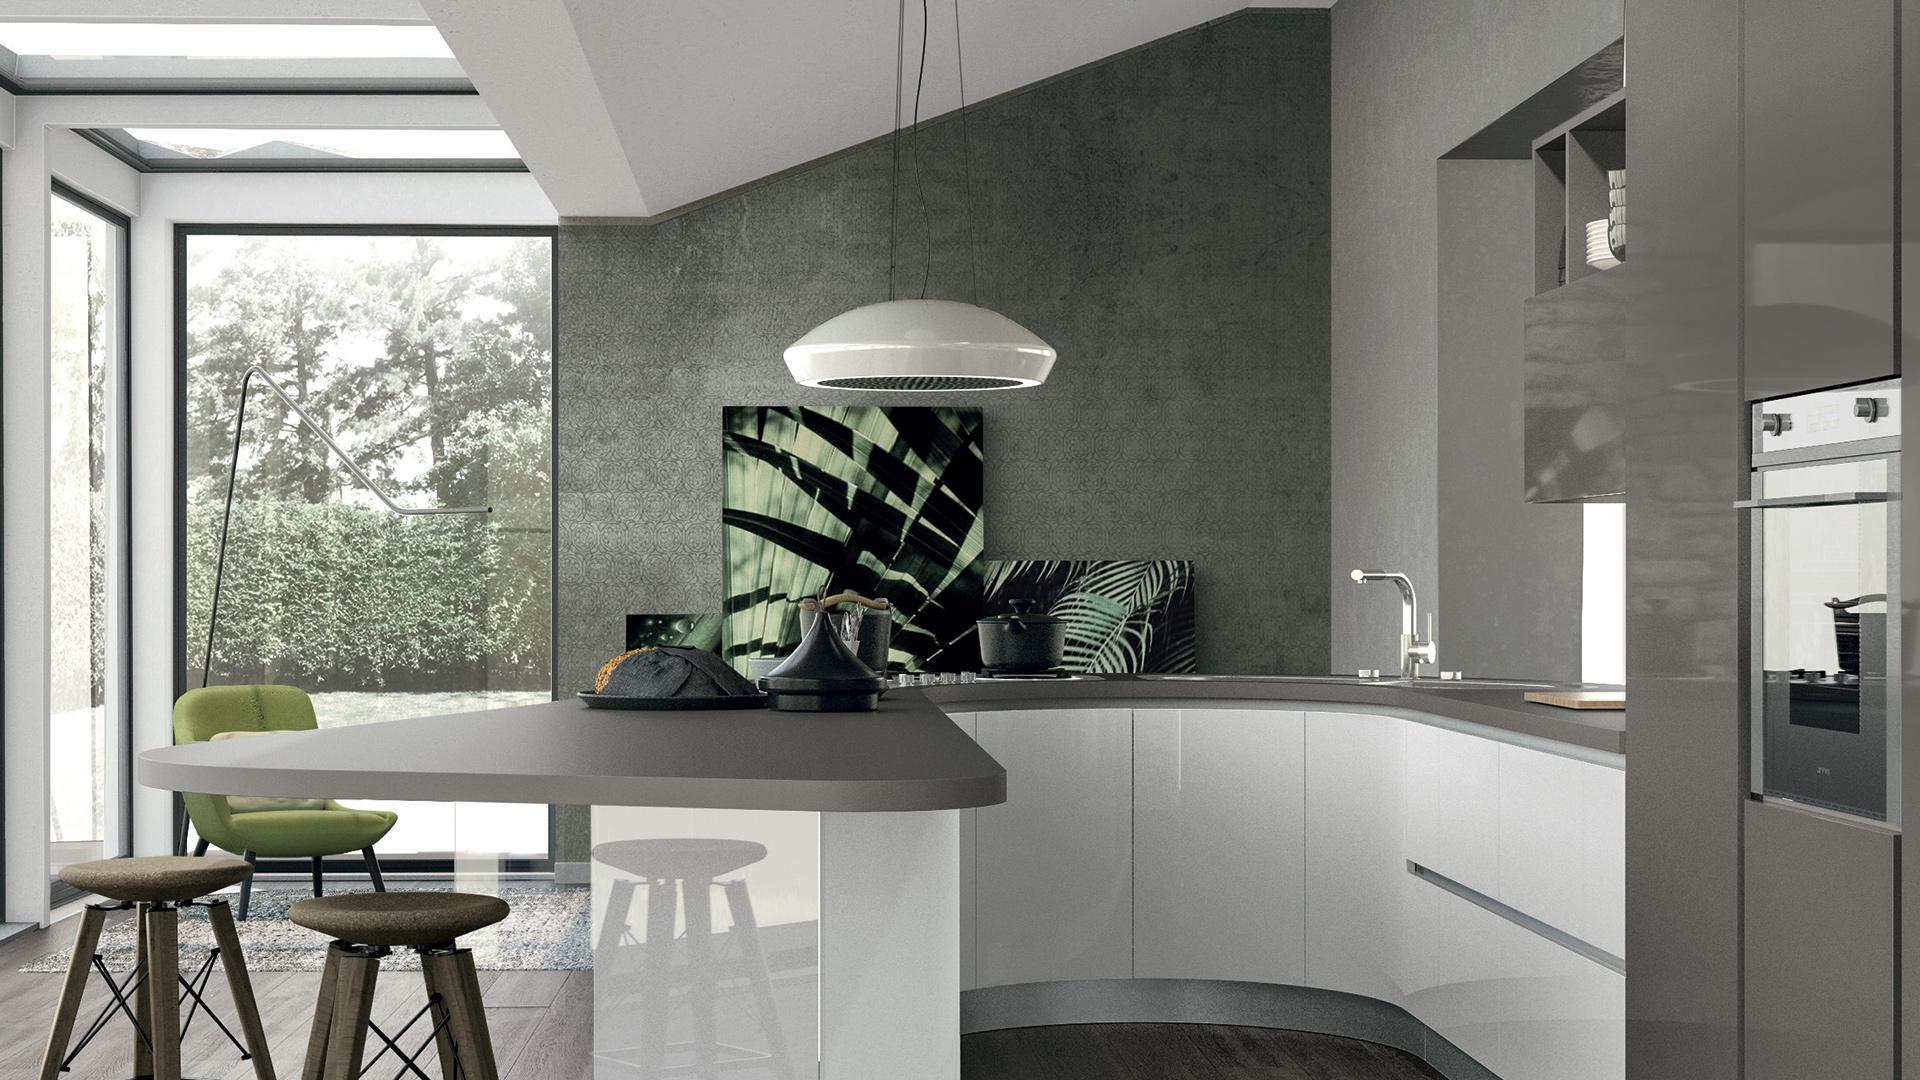 le nuove cucine moderne - lube store milano - le cucine lube ... - Quanto Costa Una Cucina Lube